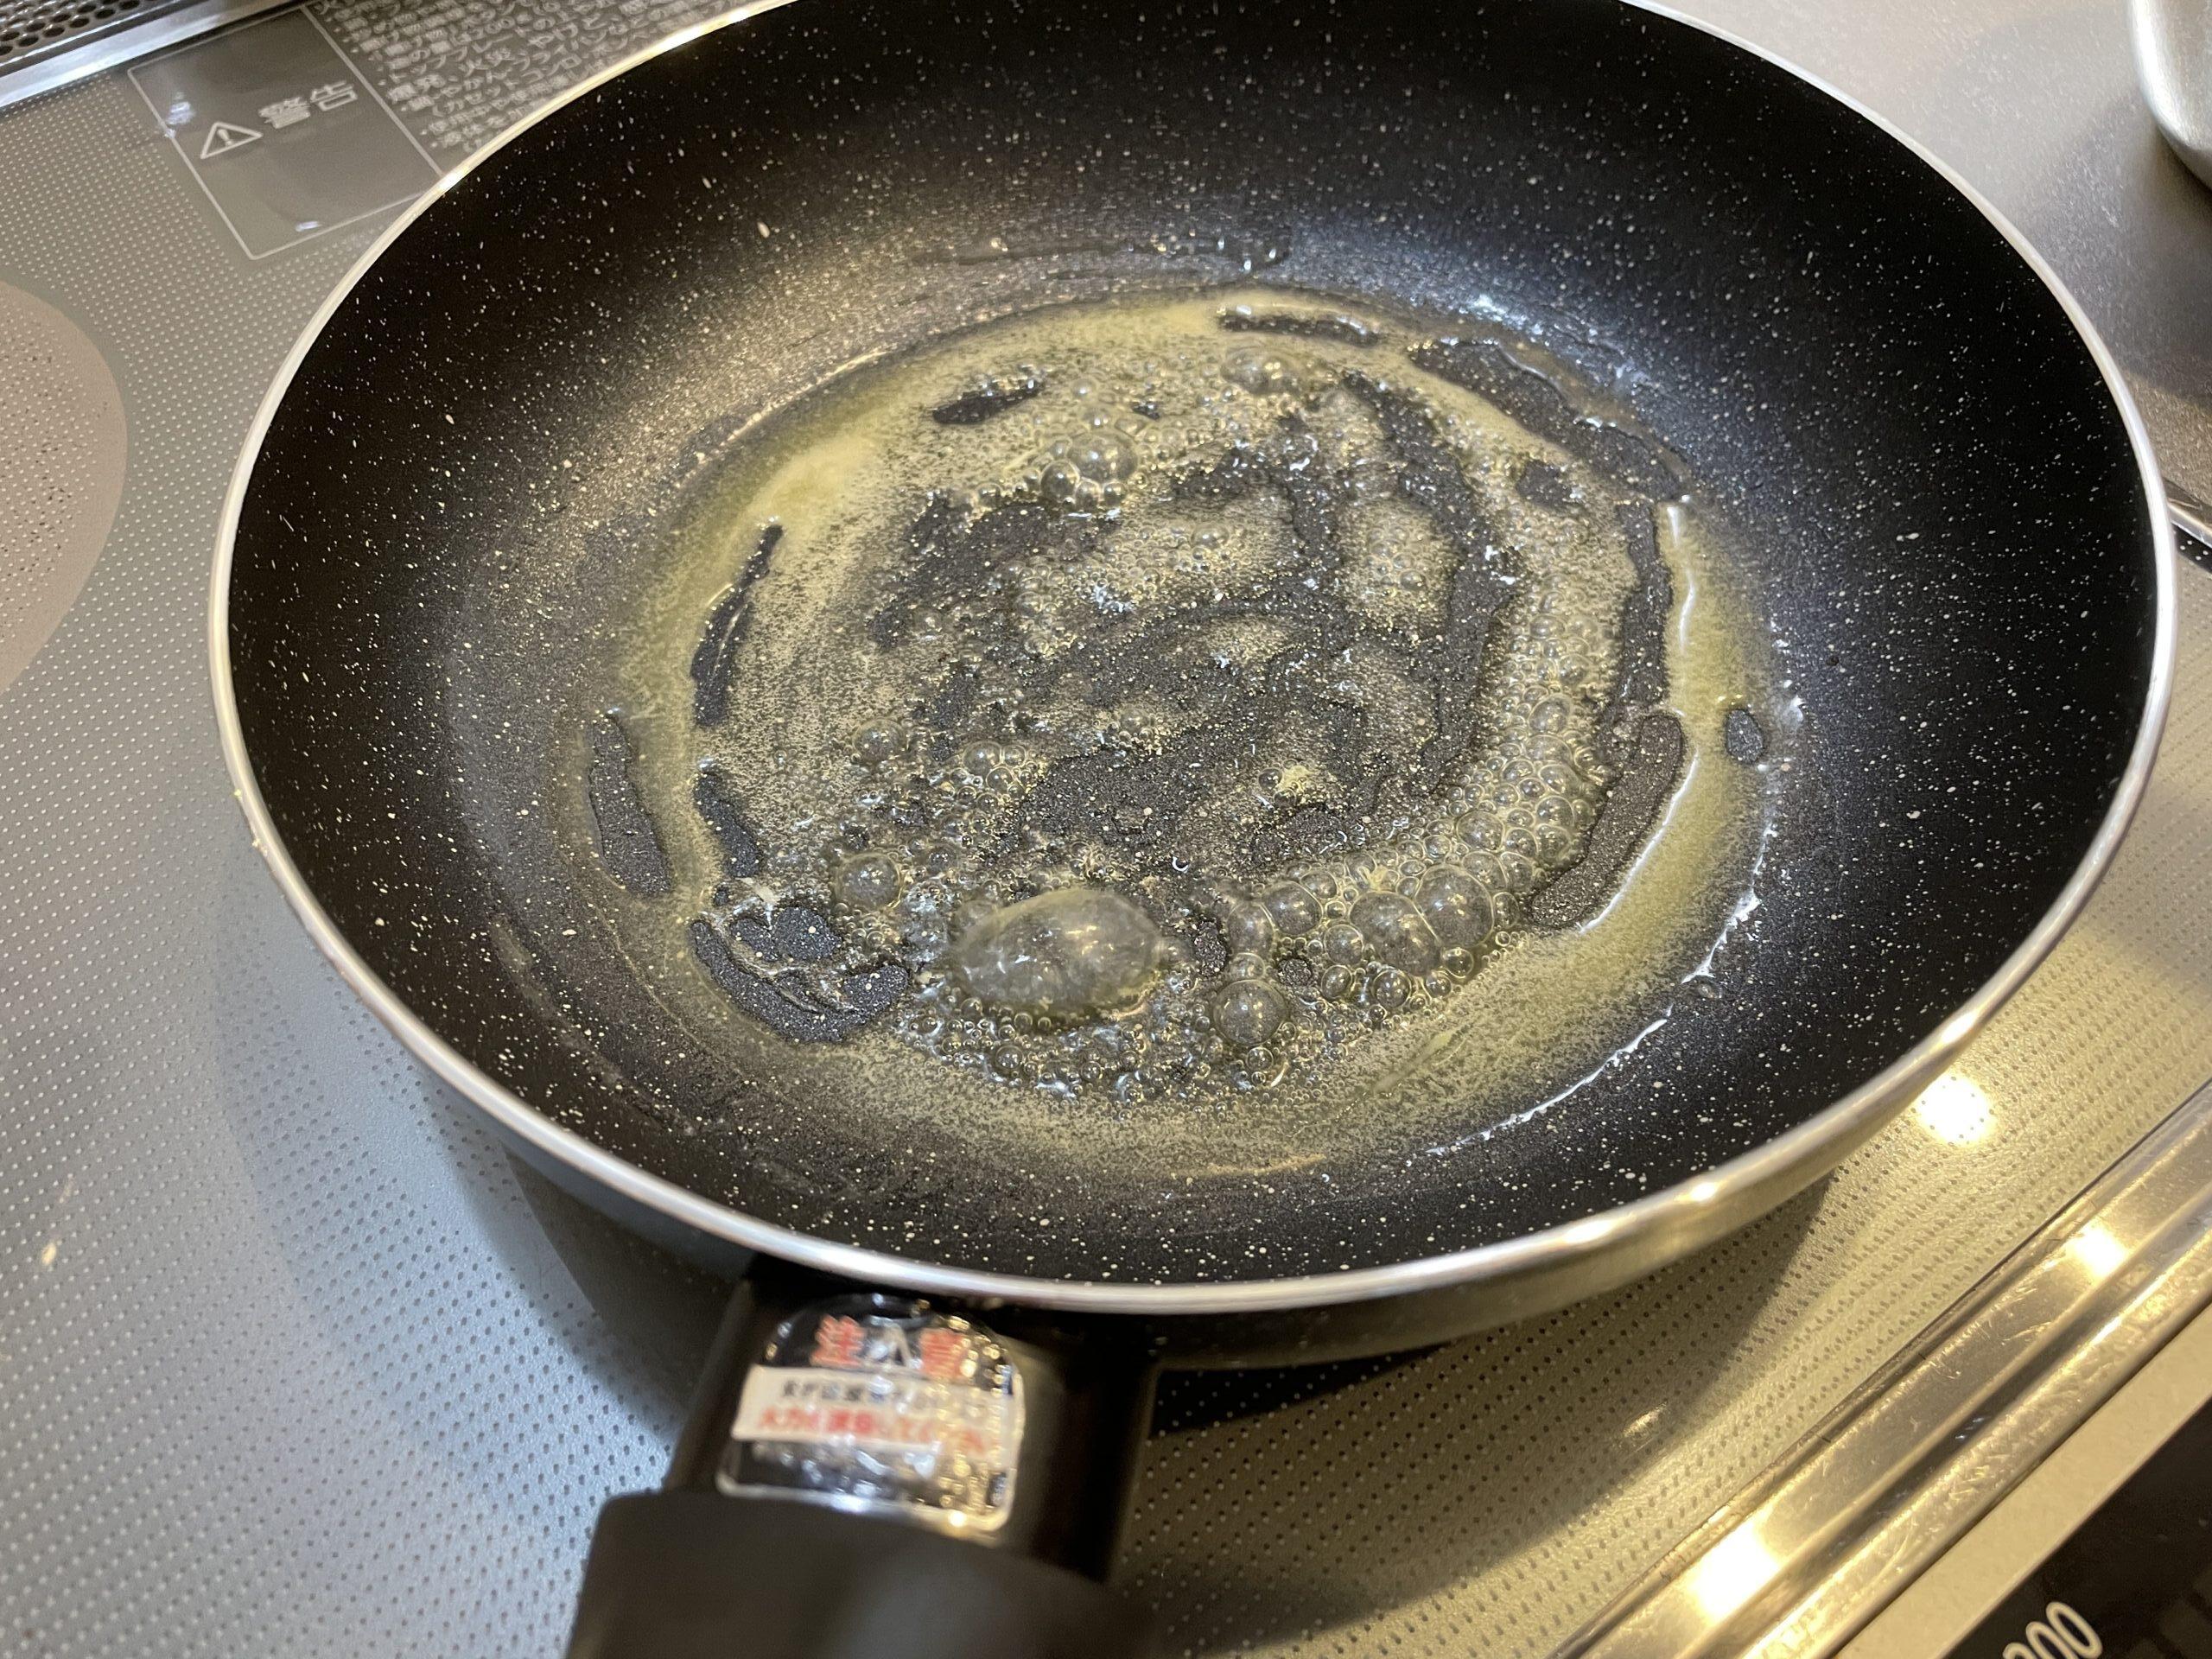 フライパンでバターを溶かしている画像